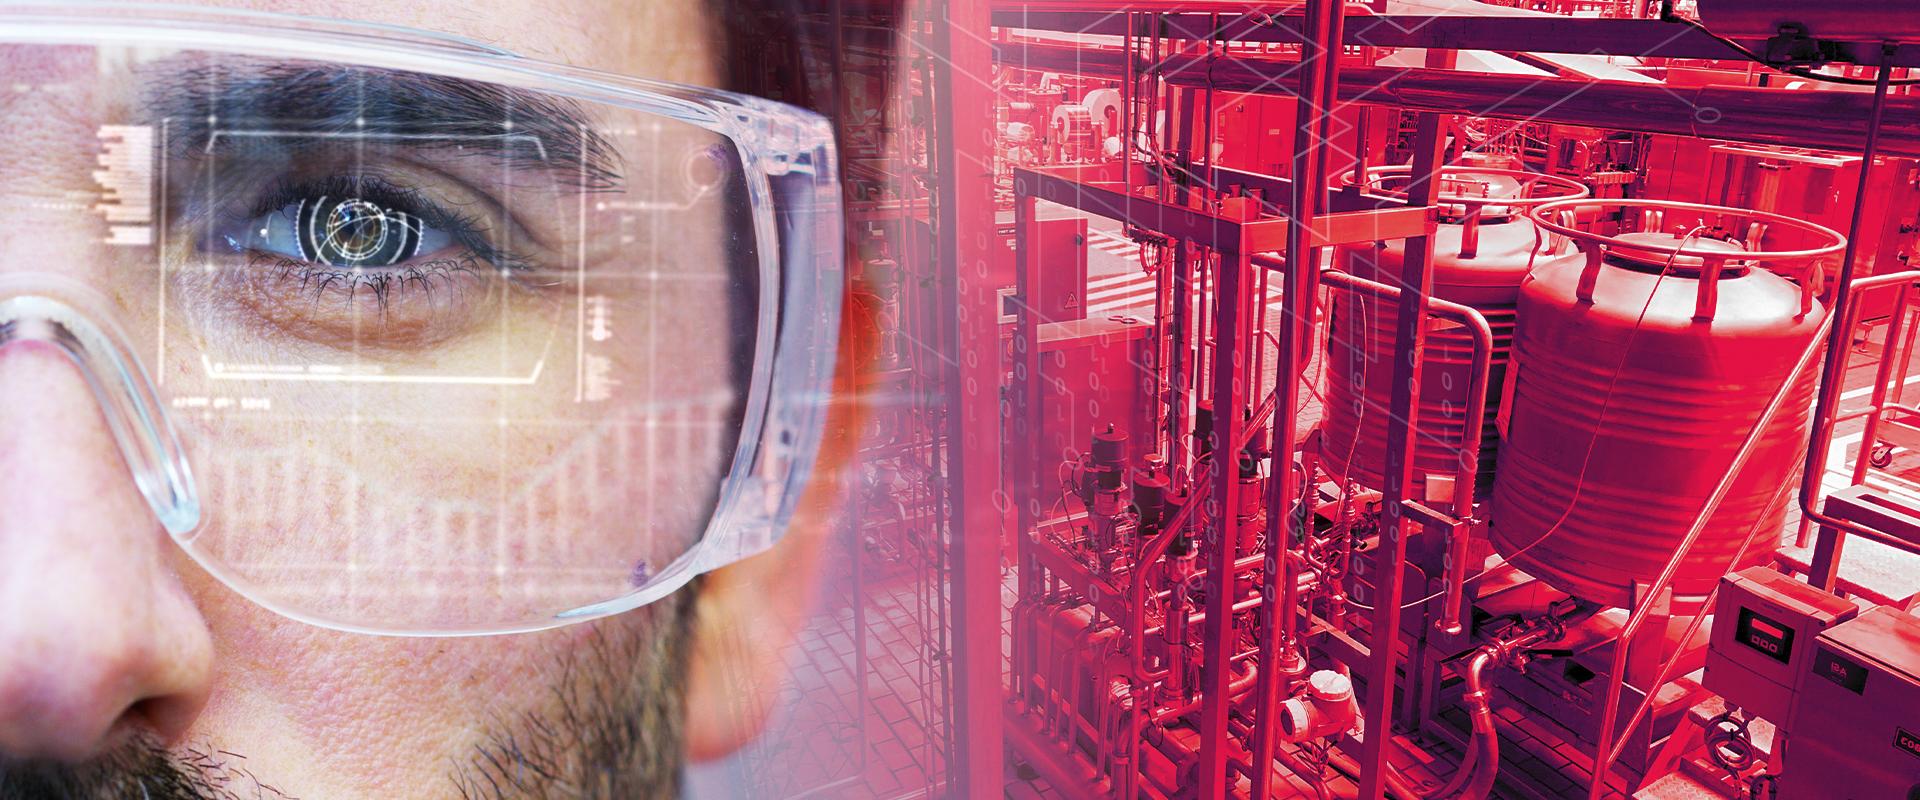 la realidad aumentada en la industria